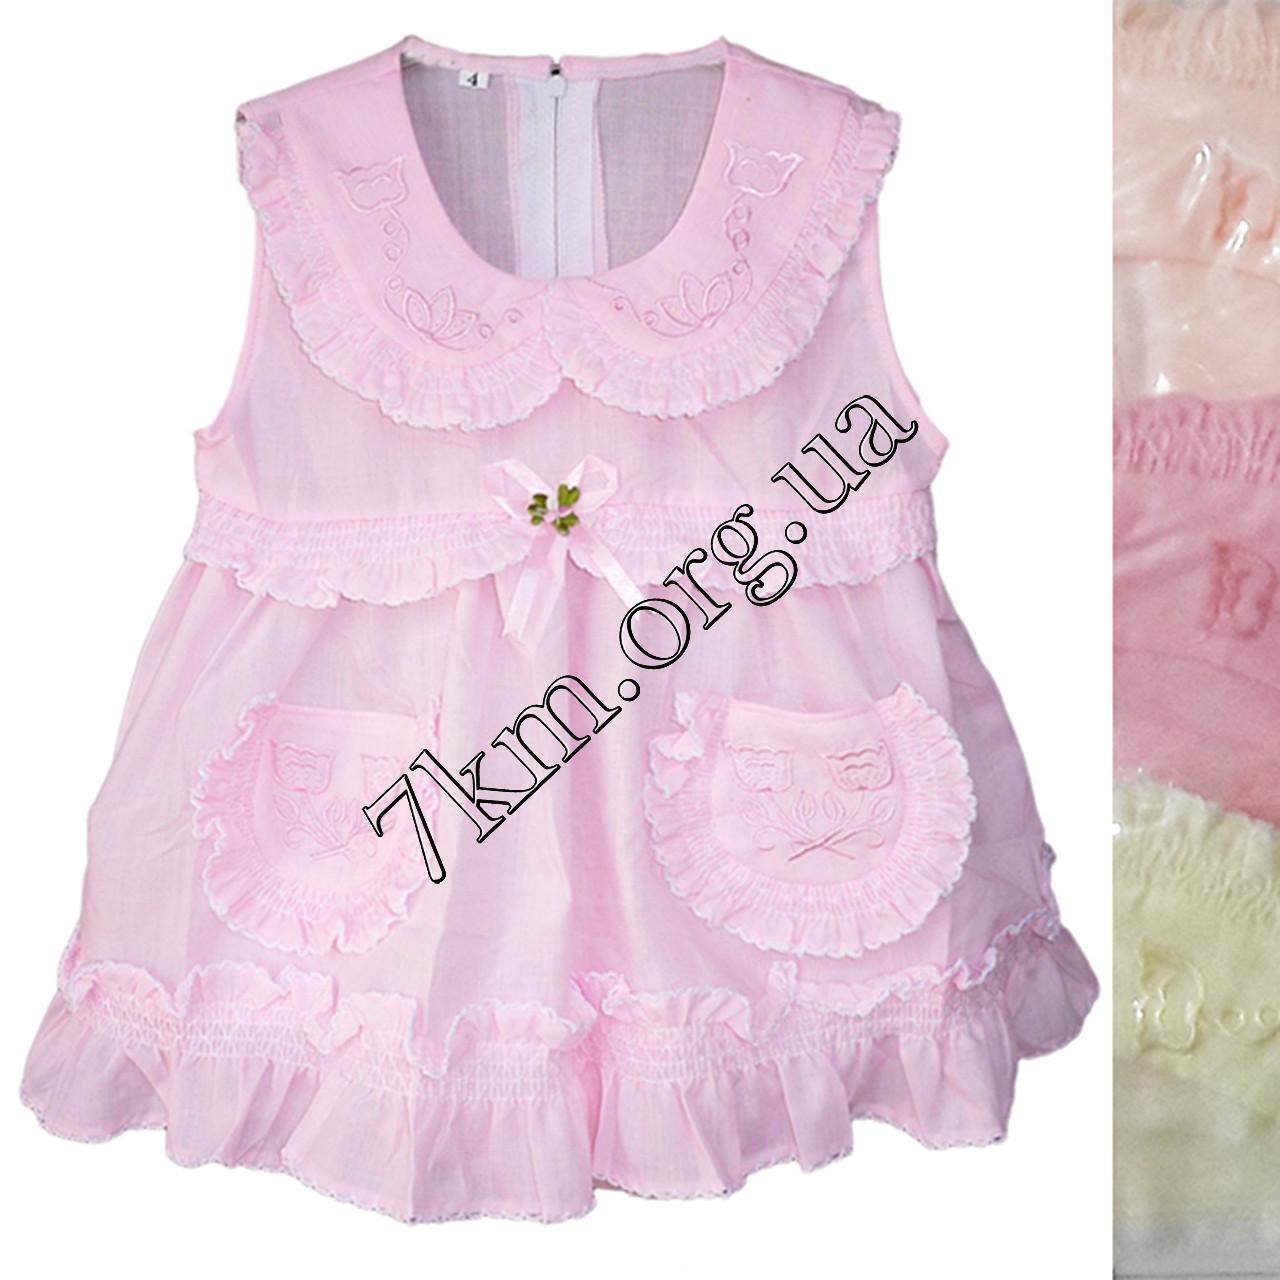 Платье с трусиками батист розовое 6-24 месяца Оптом 020517